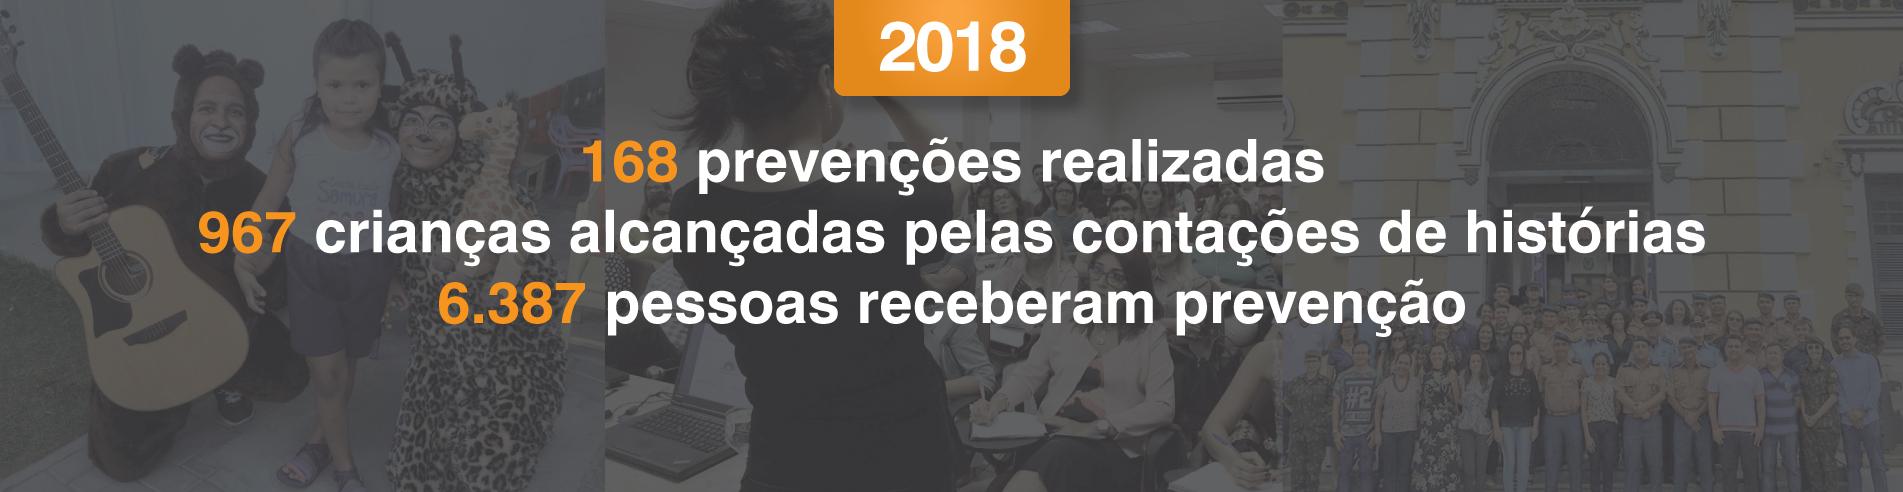 (Português) informações 2018